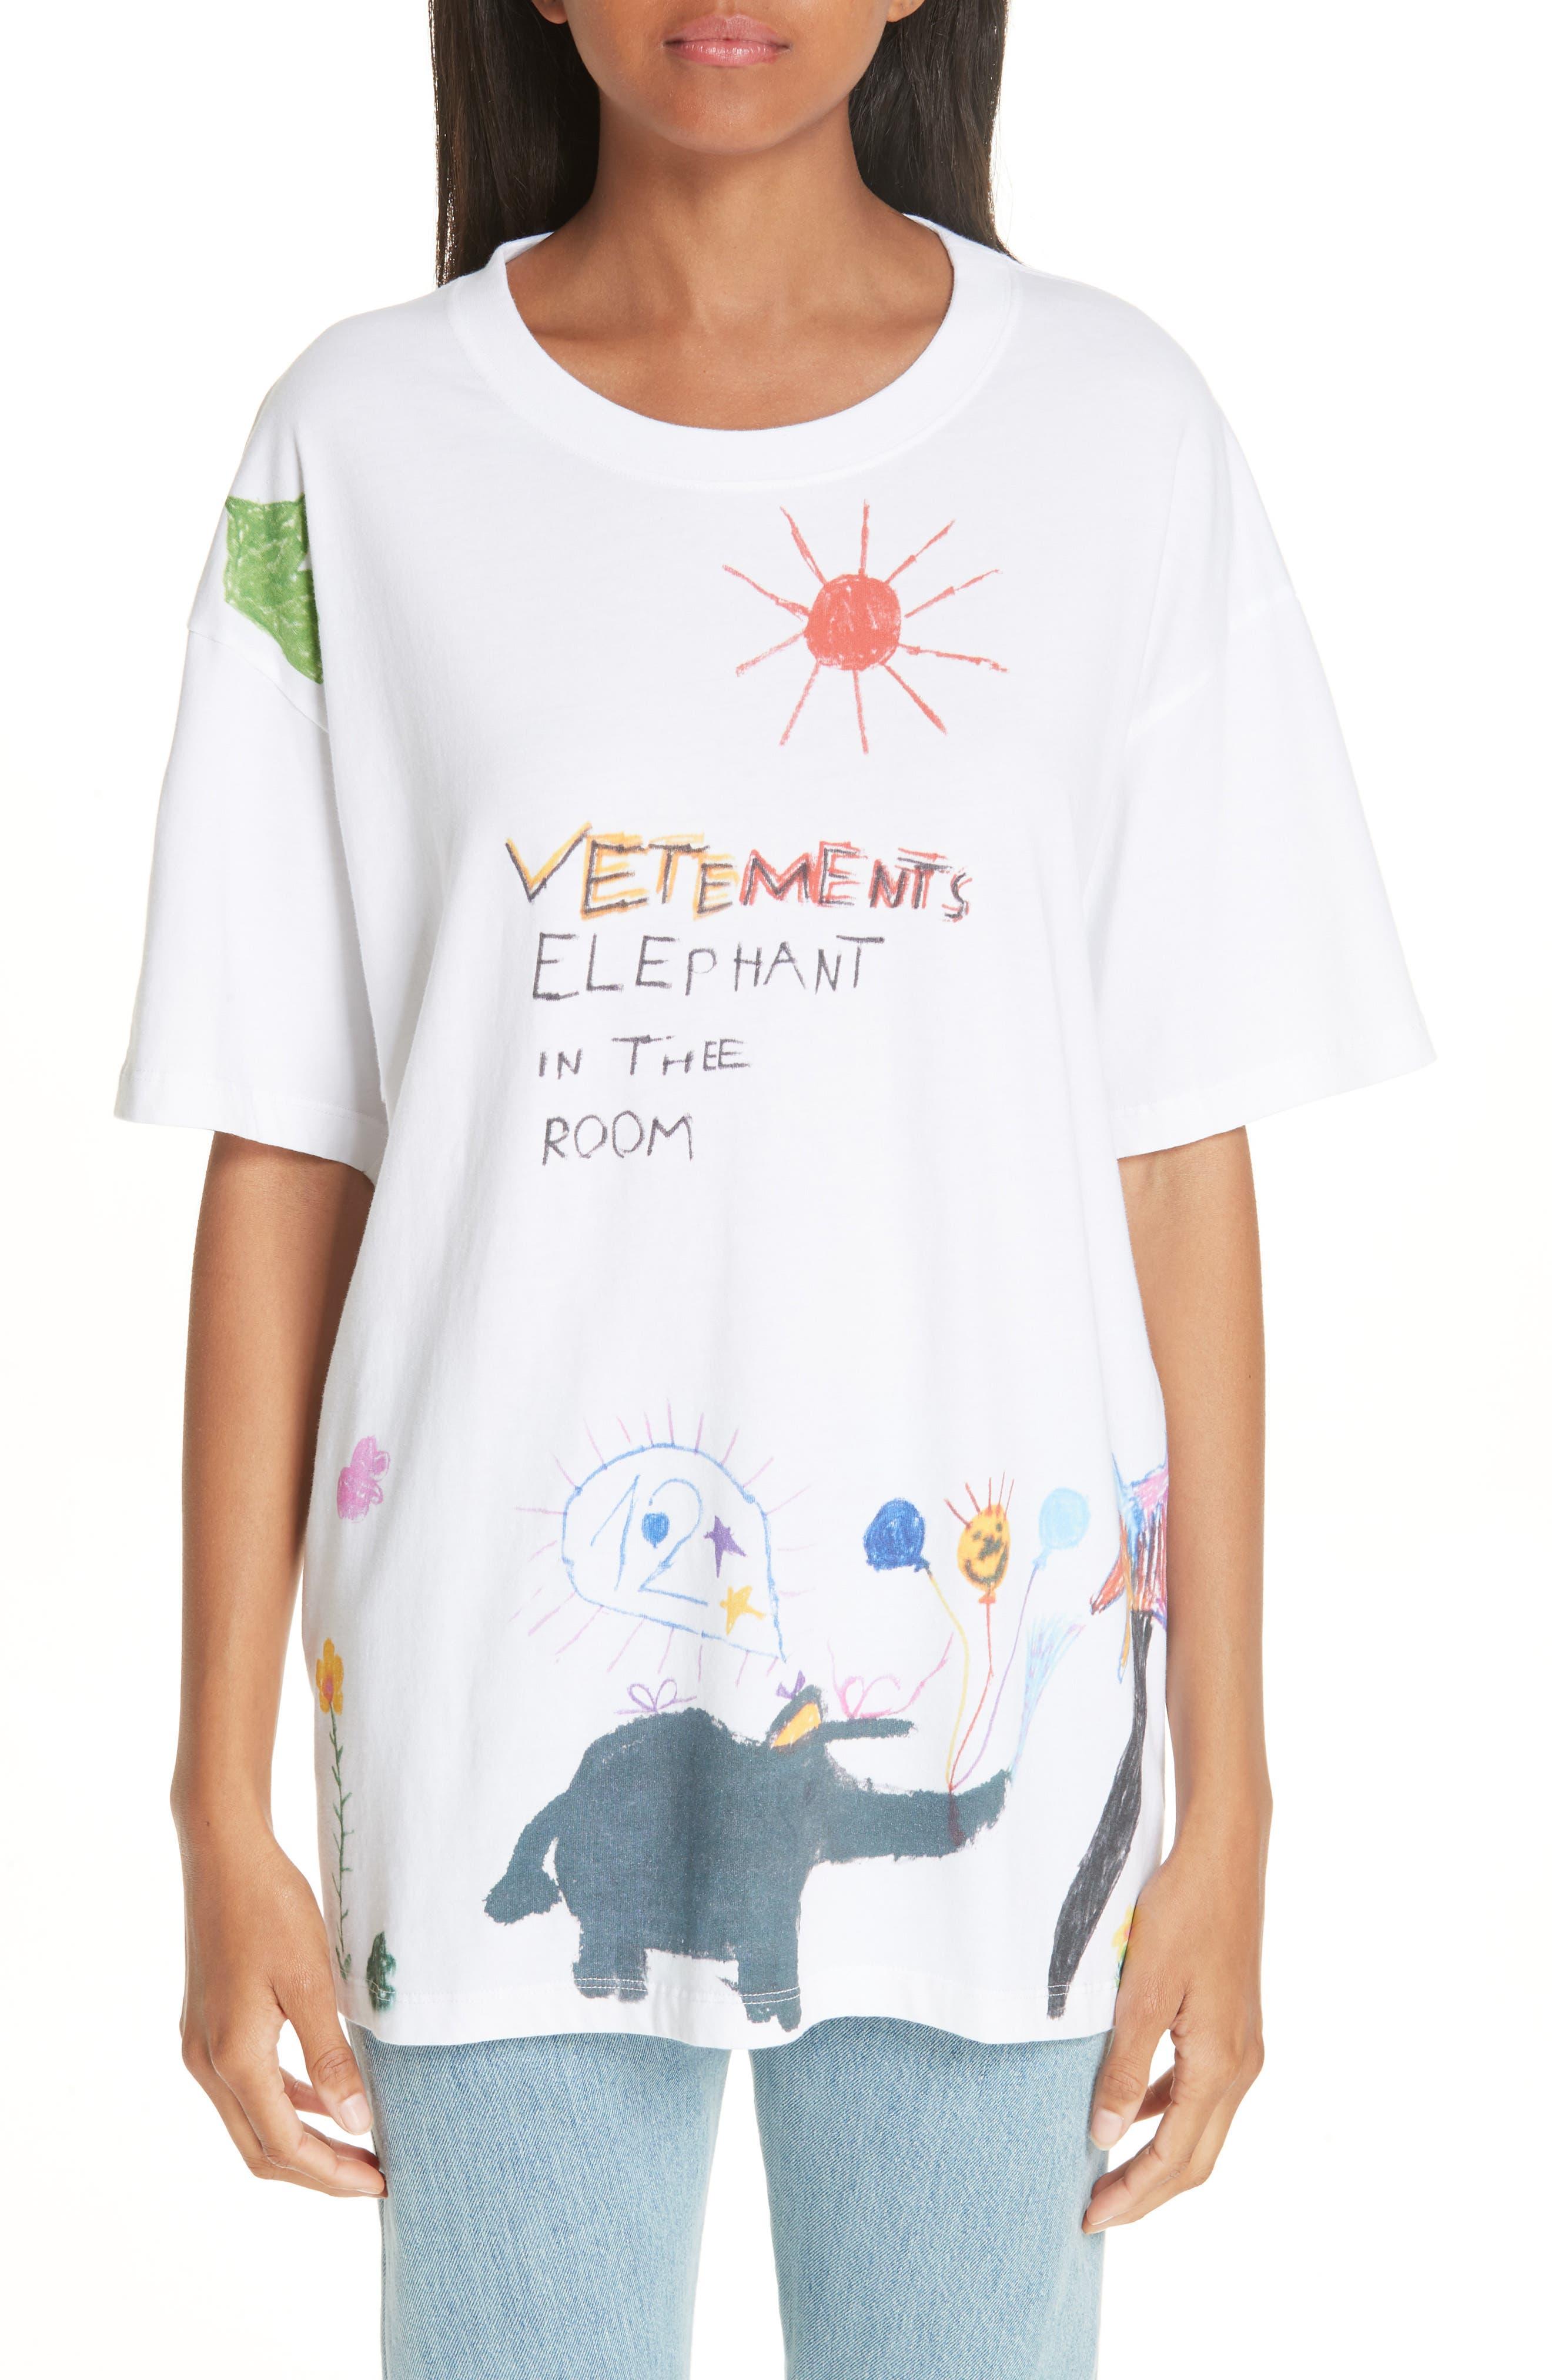 ELEPHANT SUN TEE